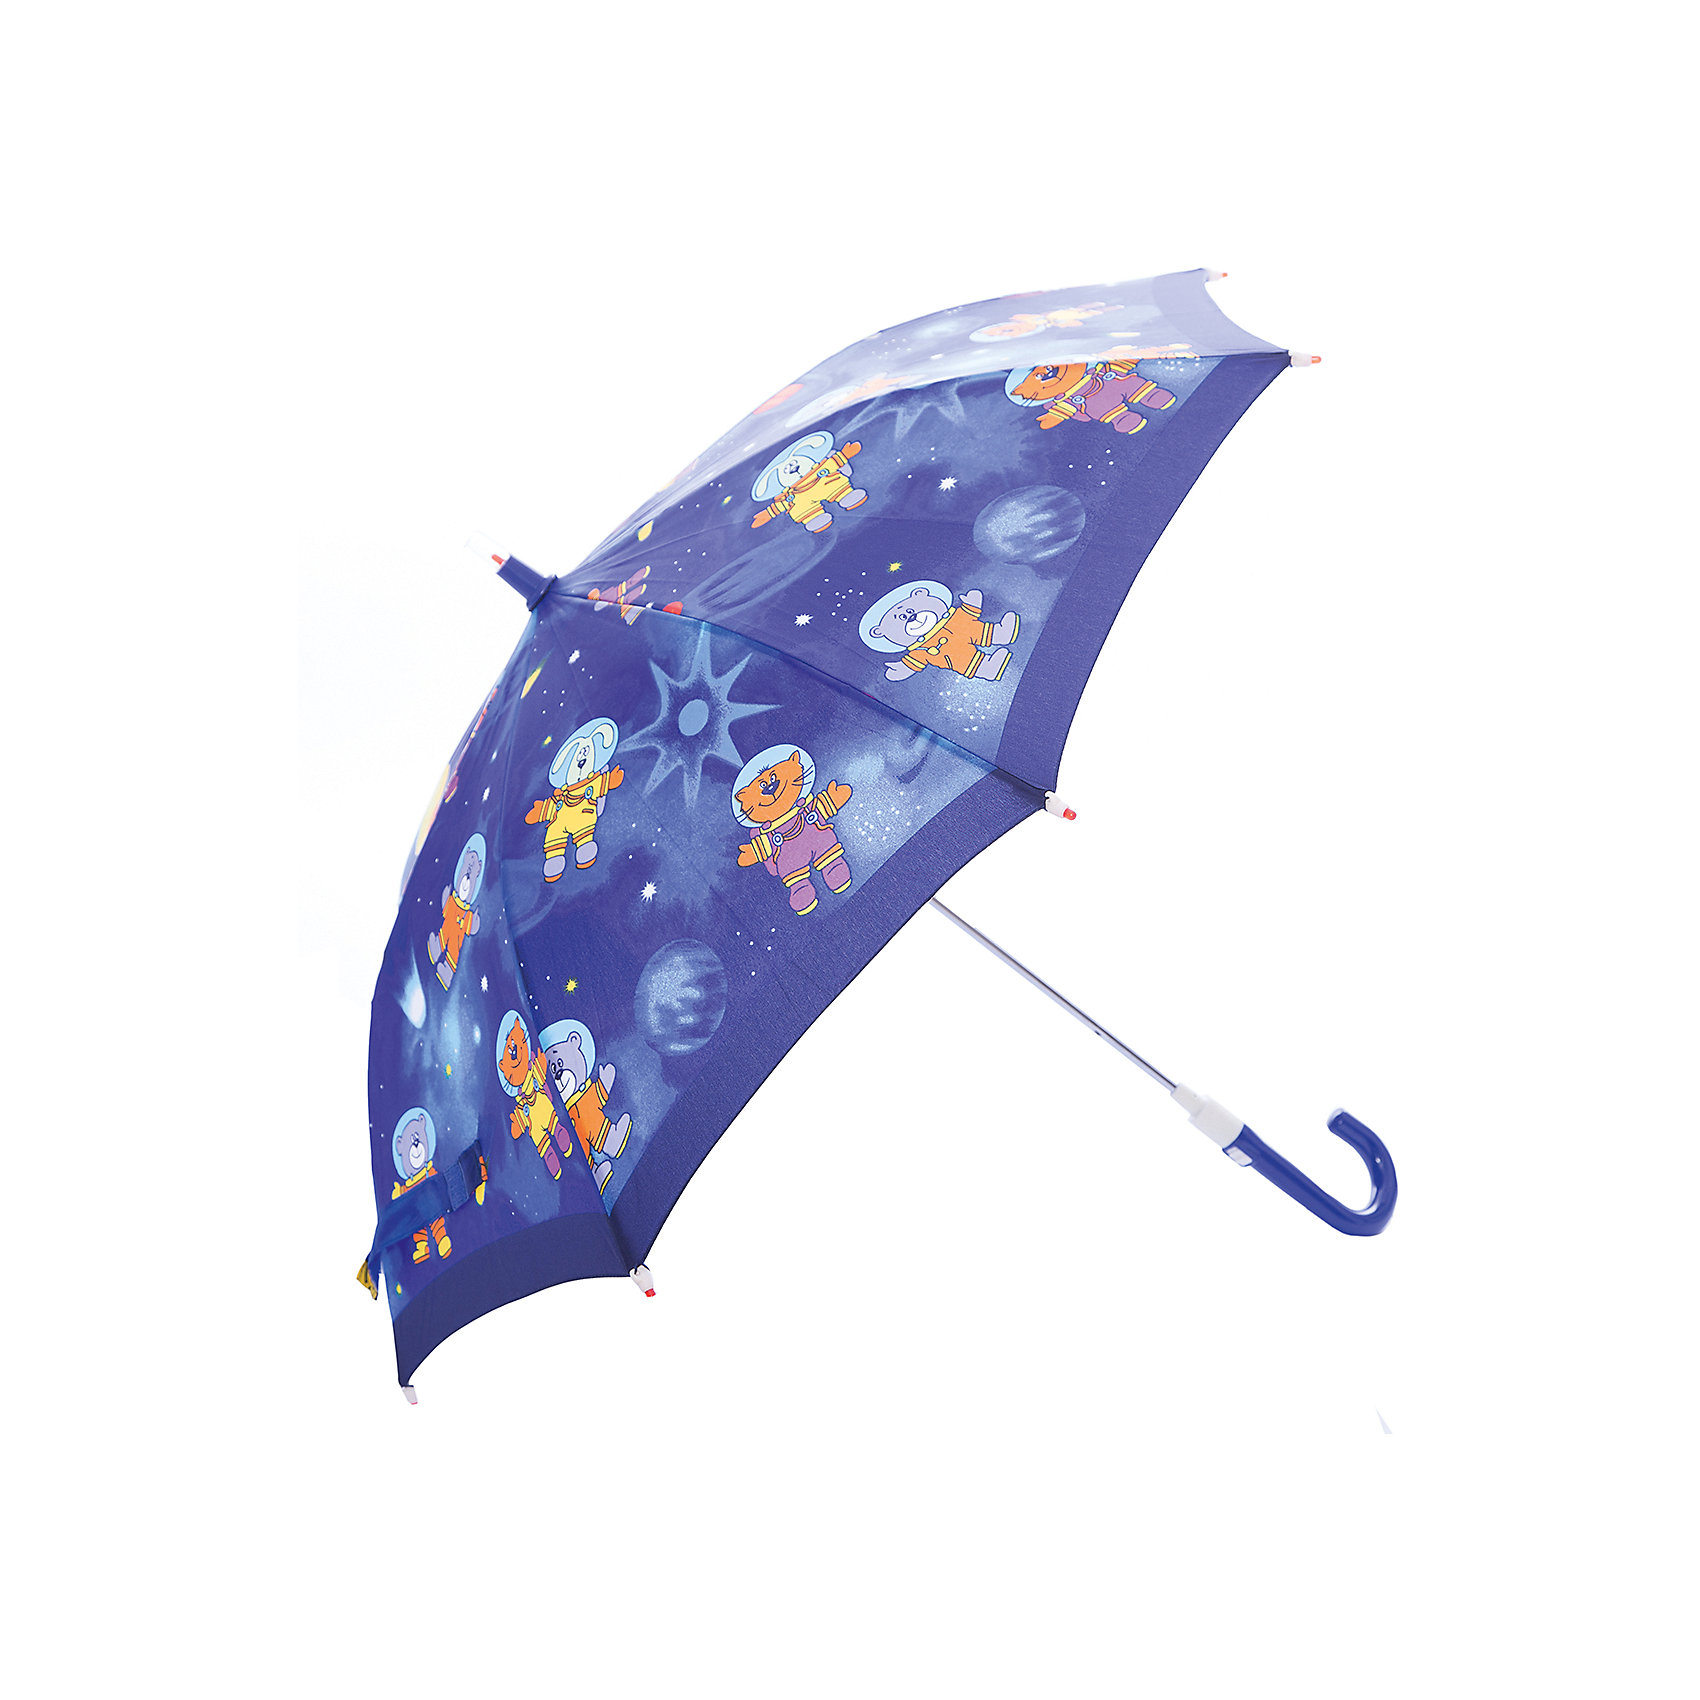 Зонт-трость, детский, рисунок Животные со светодиодамиЗонты детские<br>Красочный детский зонтик Zest со светодиодами (на кончиках спиц и на куполе в центре), трость, механика, 8 спиц, купол 78 см, материал купола полиэстер, ручка зонта из пластика, материал каркаса - сталь. Концы спиц зонтика прикрыты специальными колпачками-лампочками. ВЕТРОУСТОЙЧИВАЯ КОНСТРУКЦИЯ. Внимание! В сильный ветер не эксплуатировать! Зонт может сломаться. Гарантия 6 месяцев, срок службы 5 лет. Необходимы 2 батарейки типа ААА<br><br>Ширина мм: 680<br>Глубина мм: 0<br>Высота мм: 0<br>Вес г: 310<br>Возраст от месяцев: 36<br>Возраст до месяцев: 2147483647<br>Пол: Унисекс<br>Возраст: Детский<br>SKU: 5511989